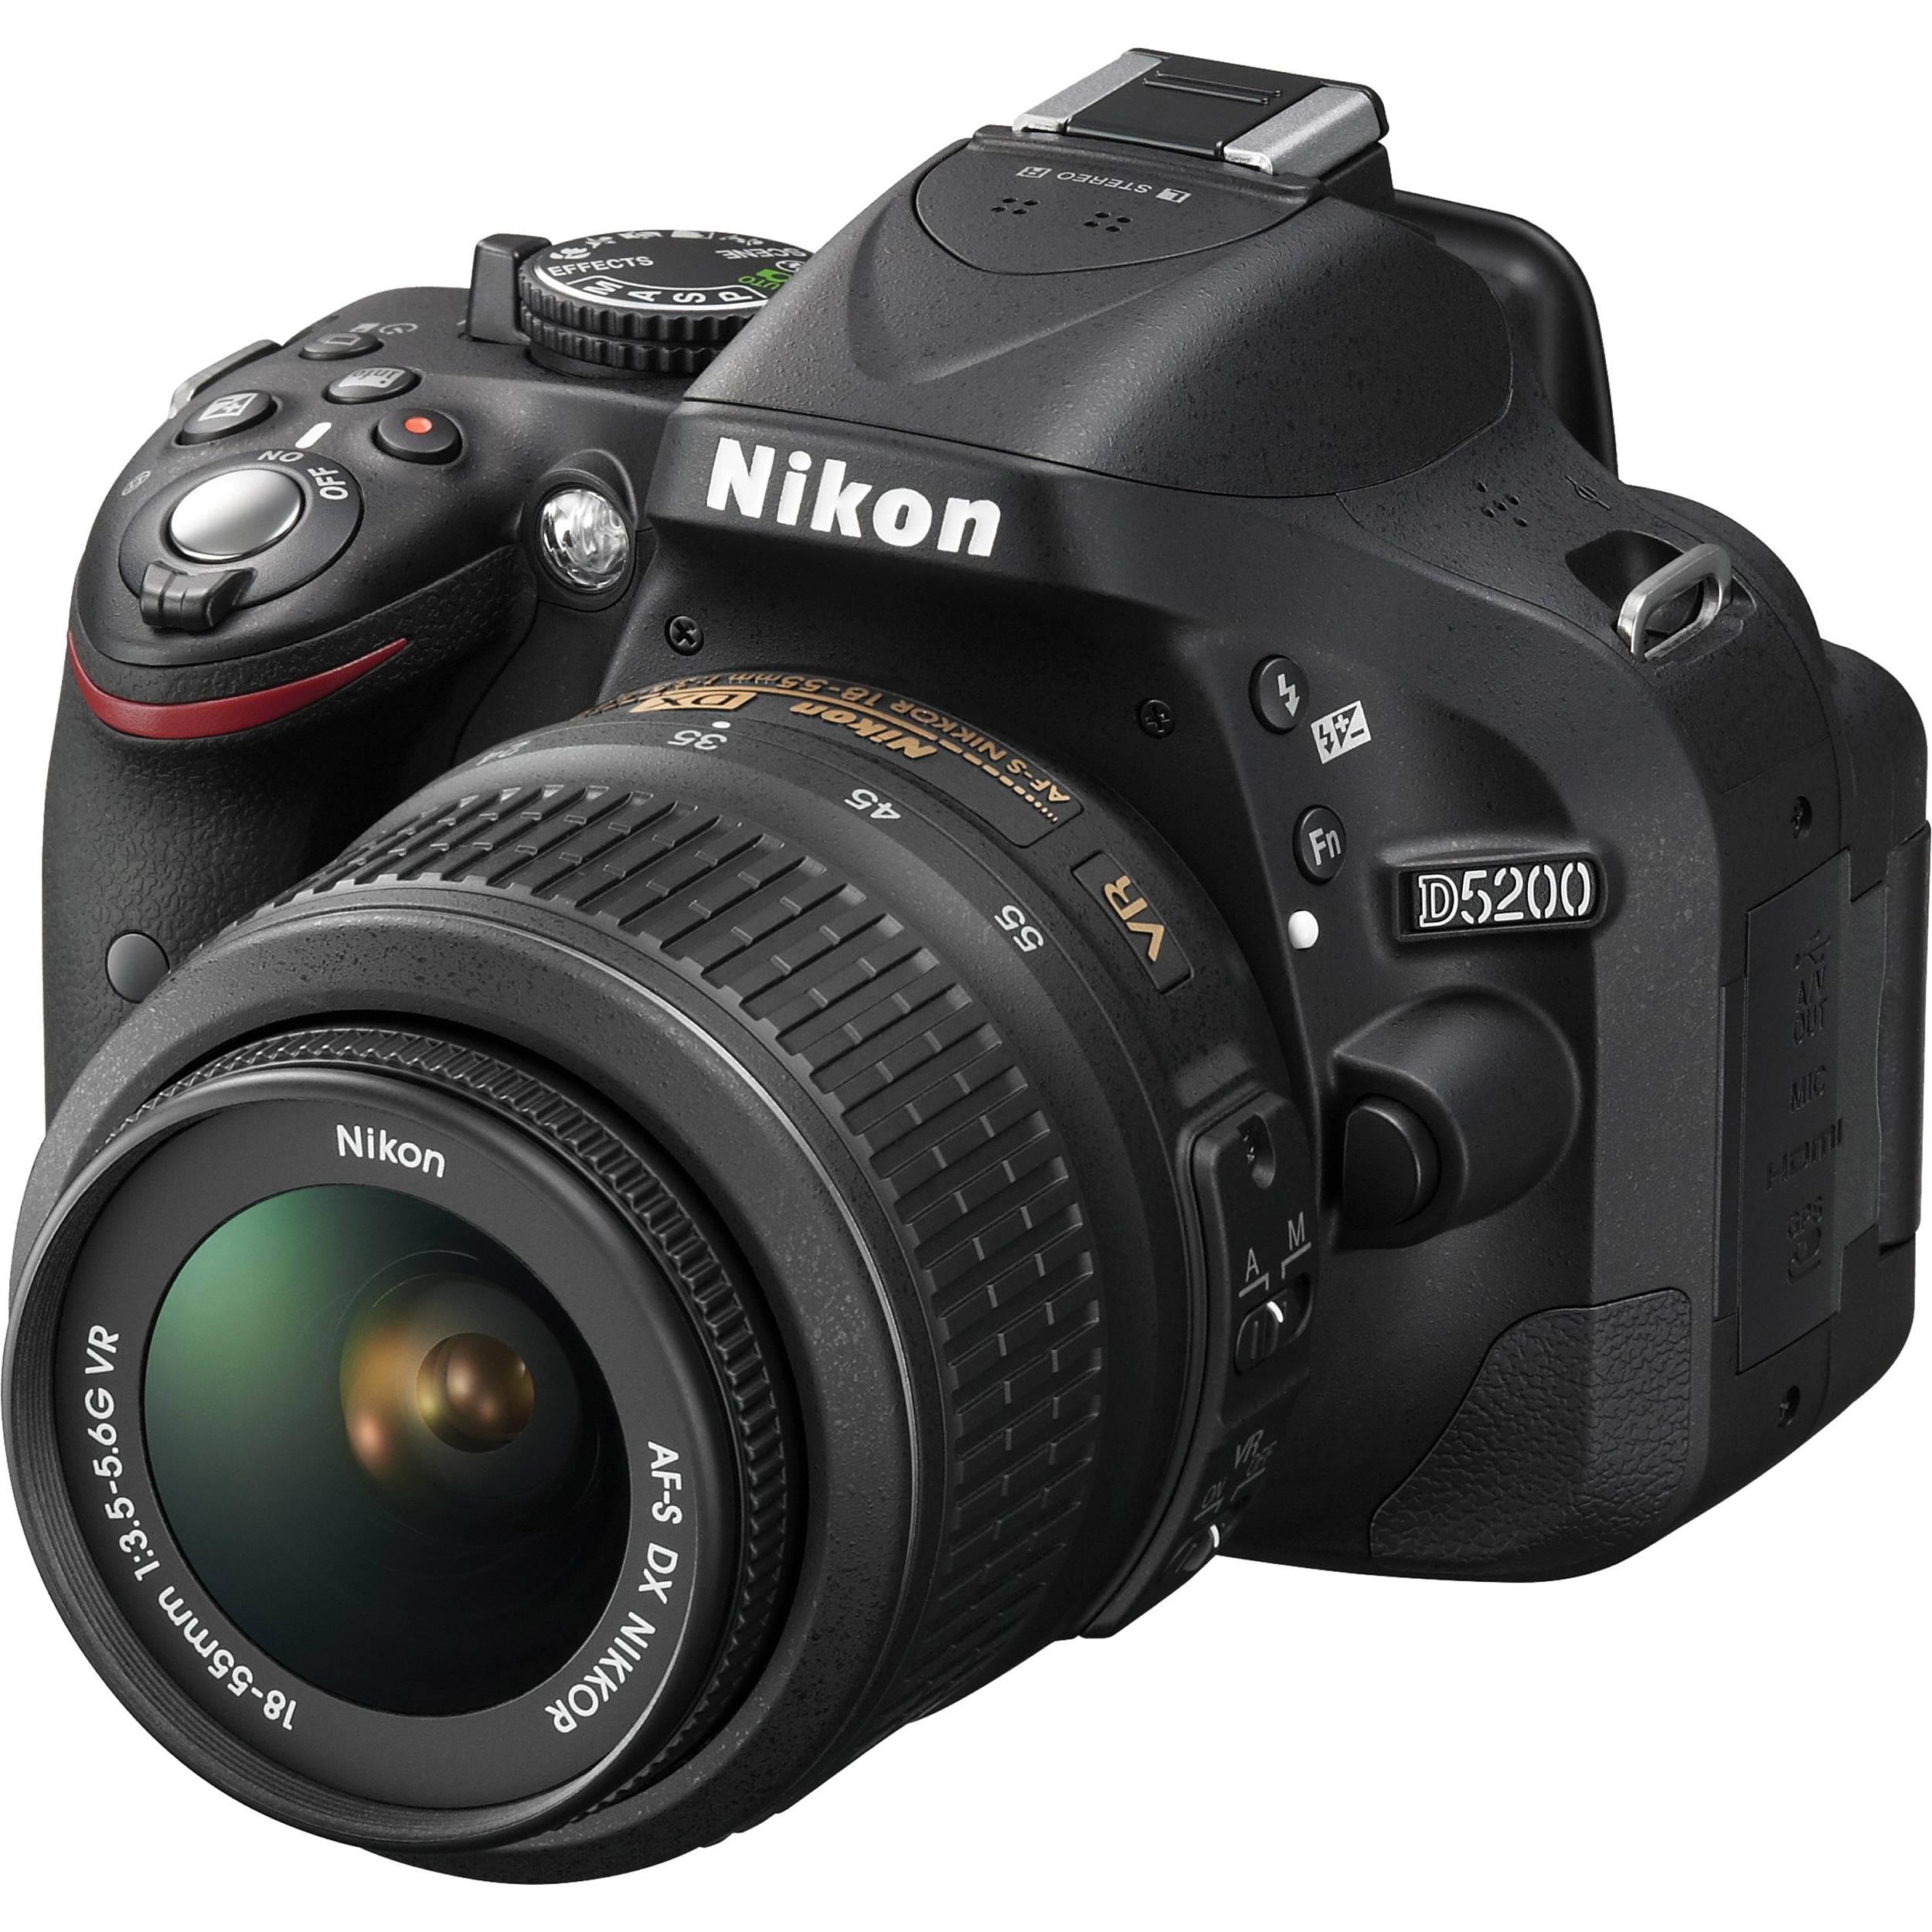 Used Nikon D5200 Dslr Camera With 18 55mm Lens Black 1503b B H